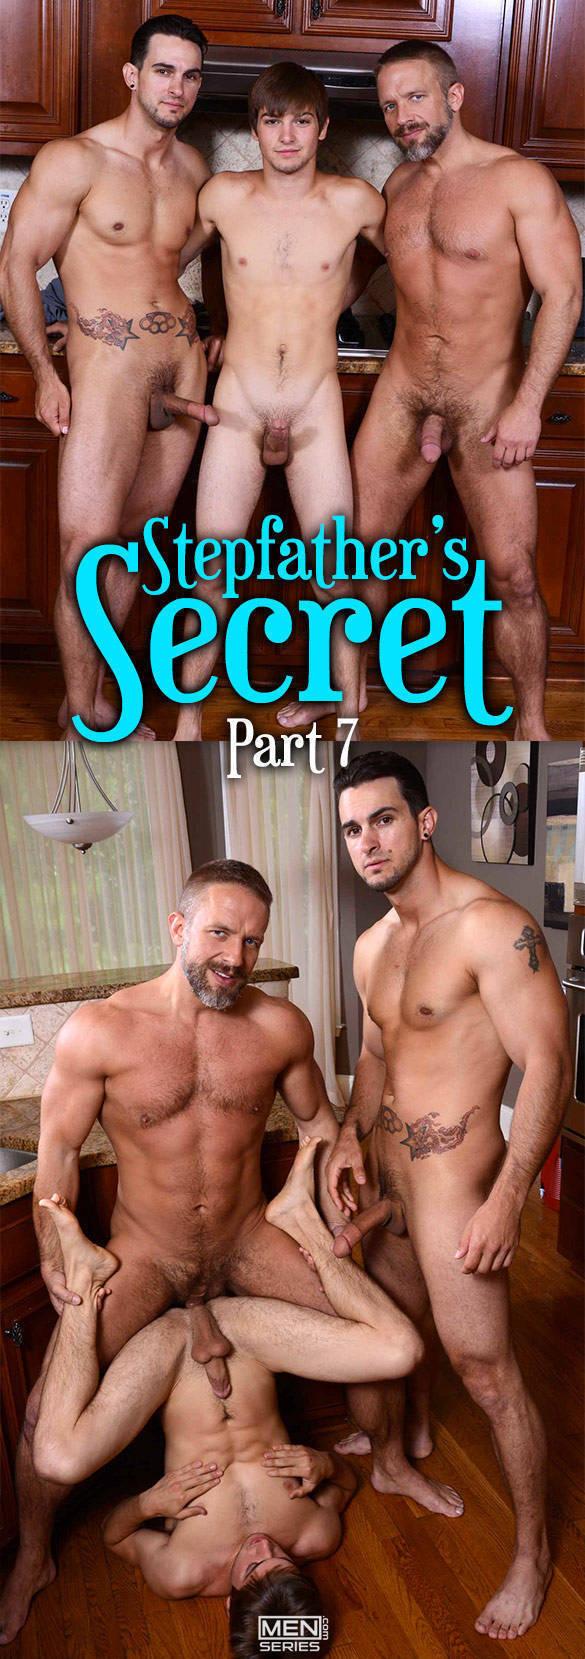 Stepfather's Secret Part 7